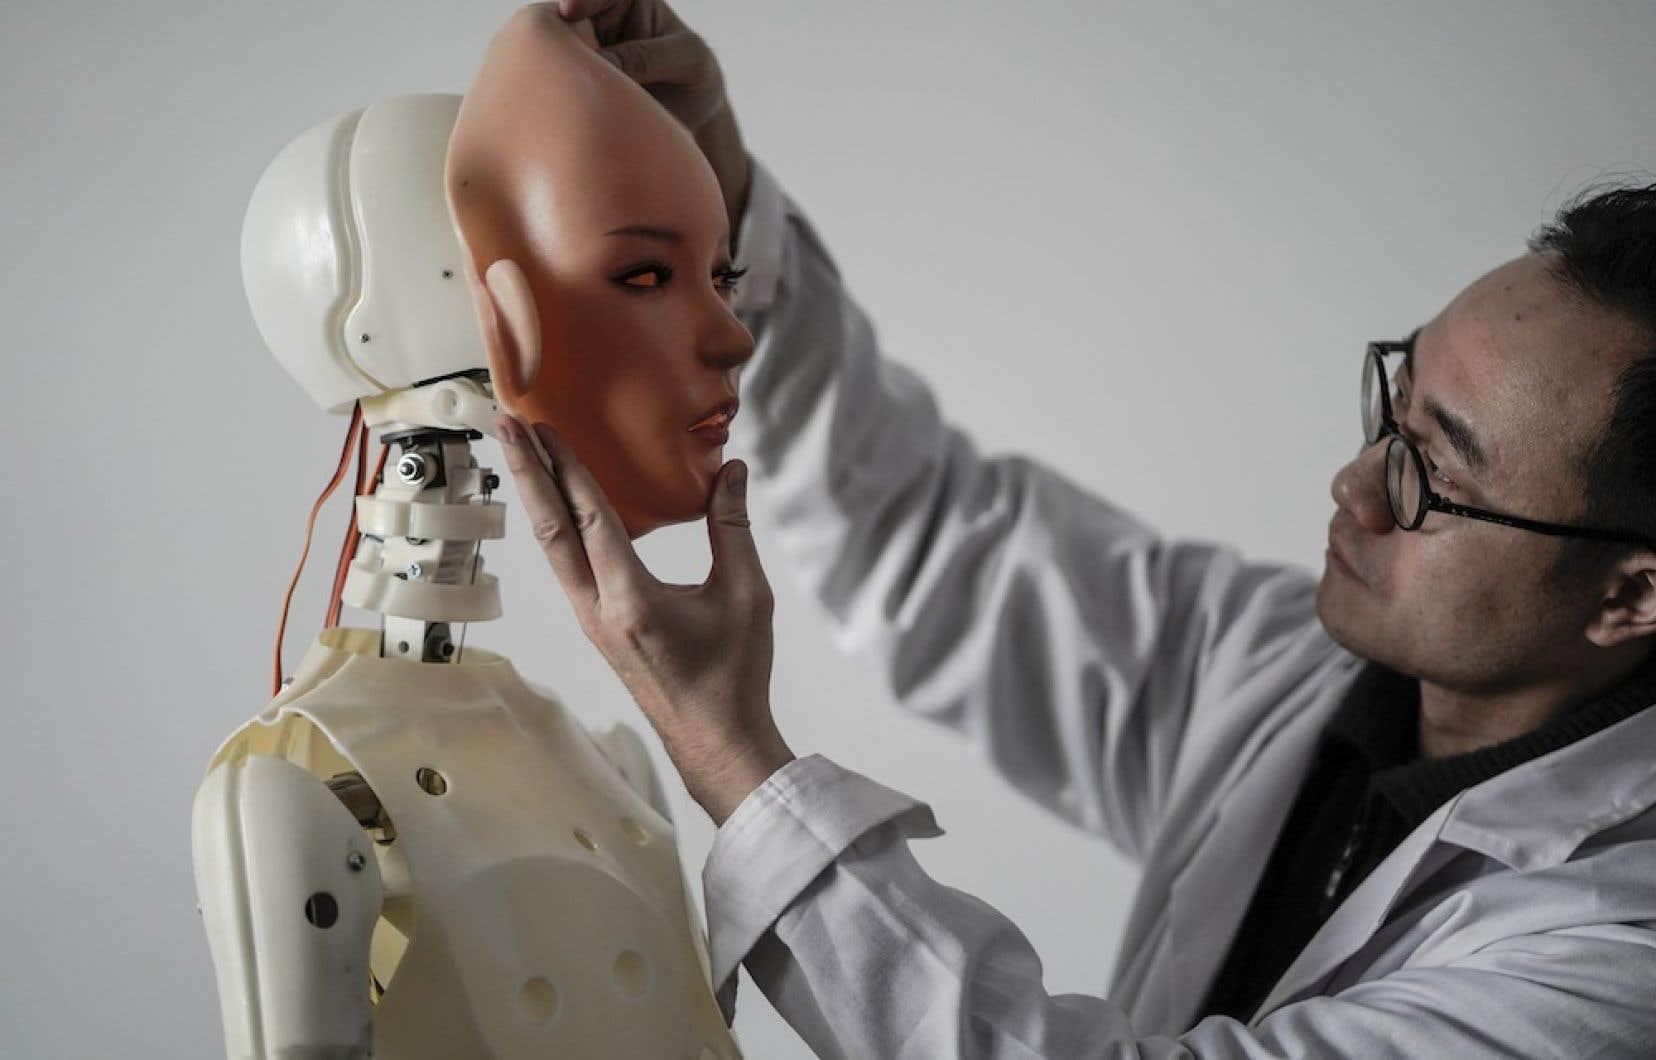 Quelques entreprises ont mis sur le marché des robots sexuels alimentés par l'intelligence artificielle qui sont dotés de têtes mécaniques capables de s'engager dans des discussions dans la chambre à coucher.